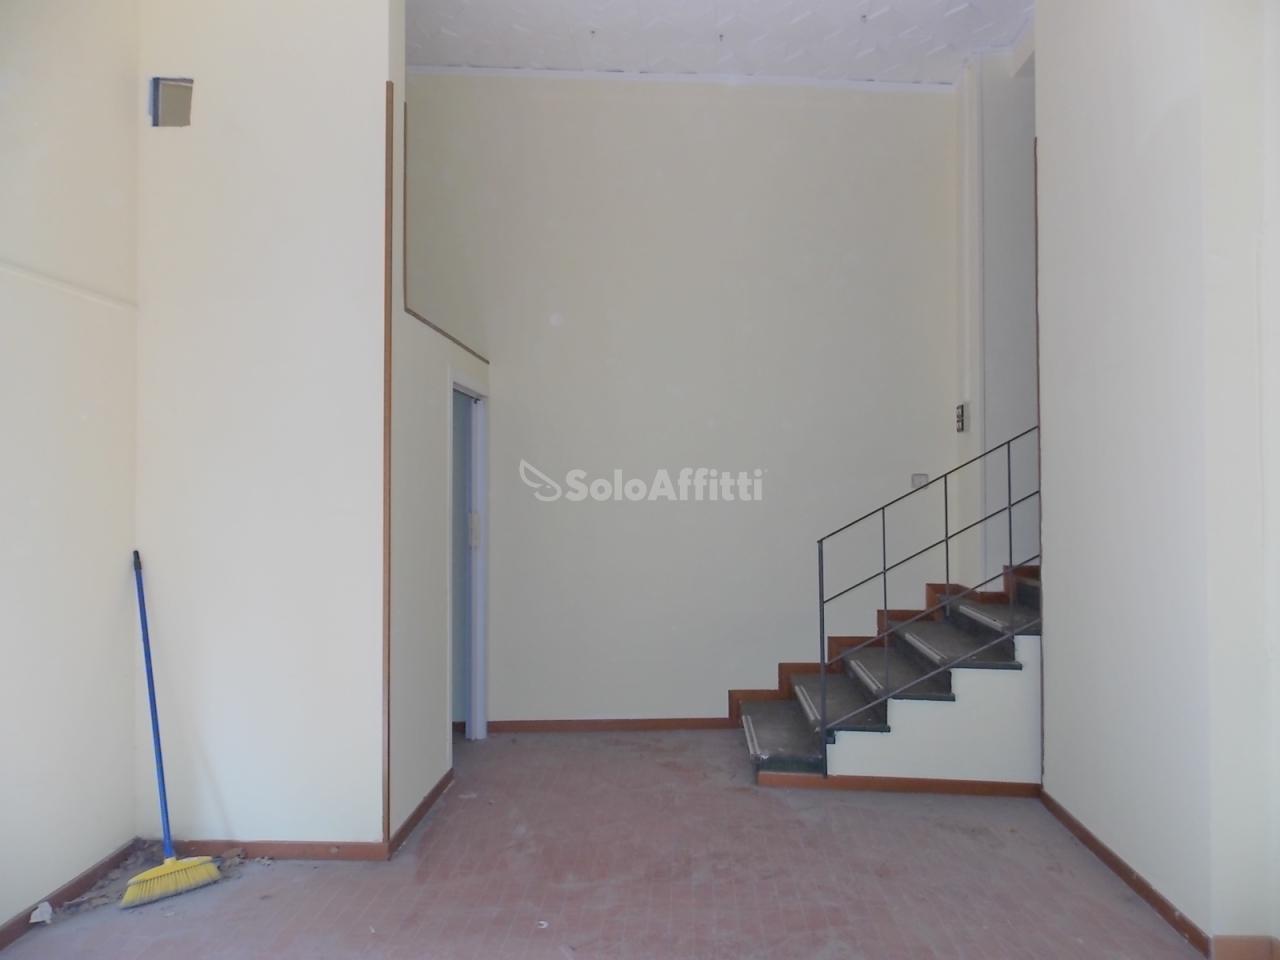 Fondo/negozio - 1 vetrina/luce a Giardini, Catanzaro Rif. 4133846